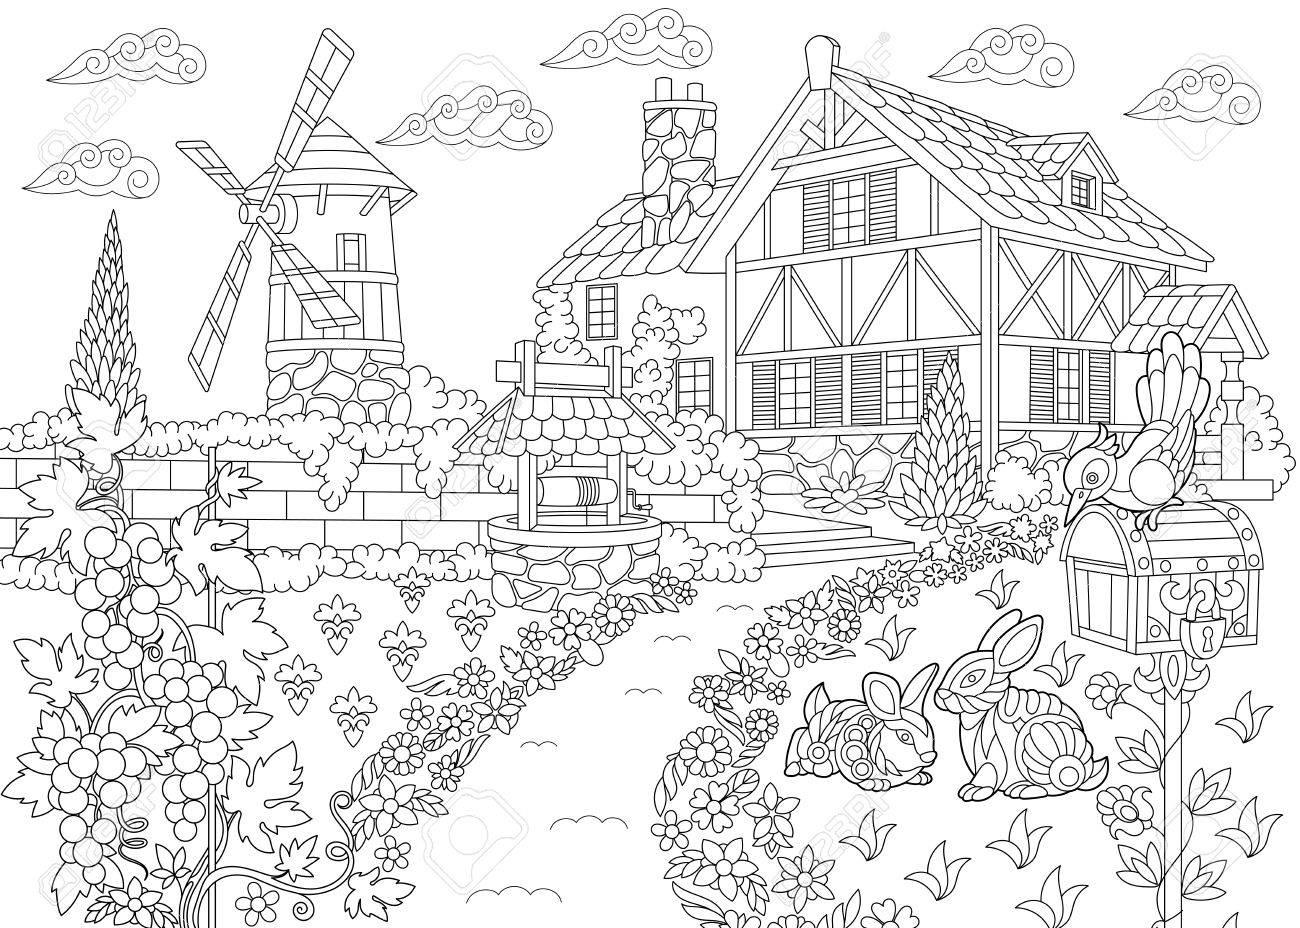 Dibujo Para Colorear De Paisaje Rural Casa De La Granja Molino De